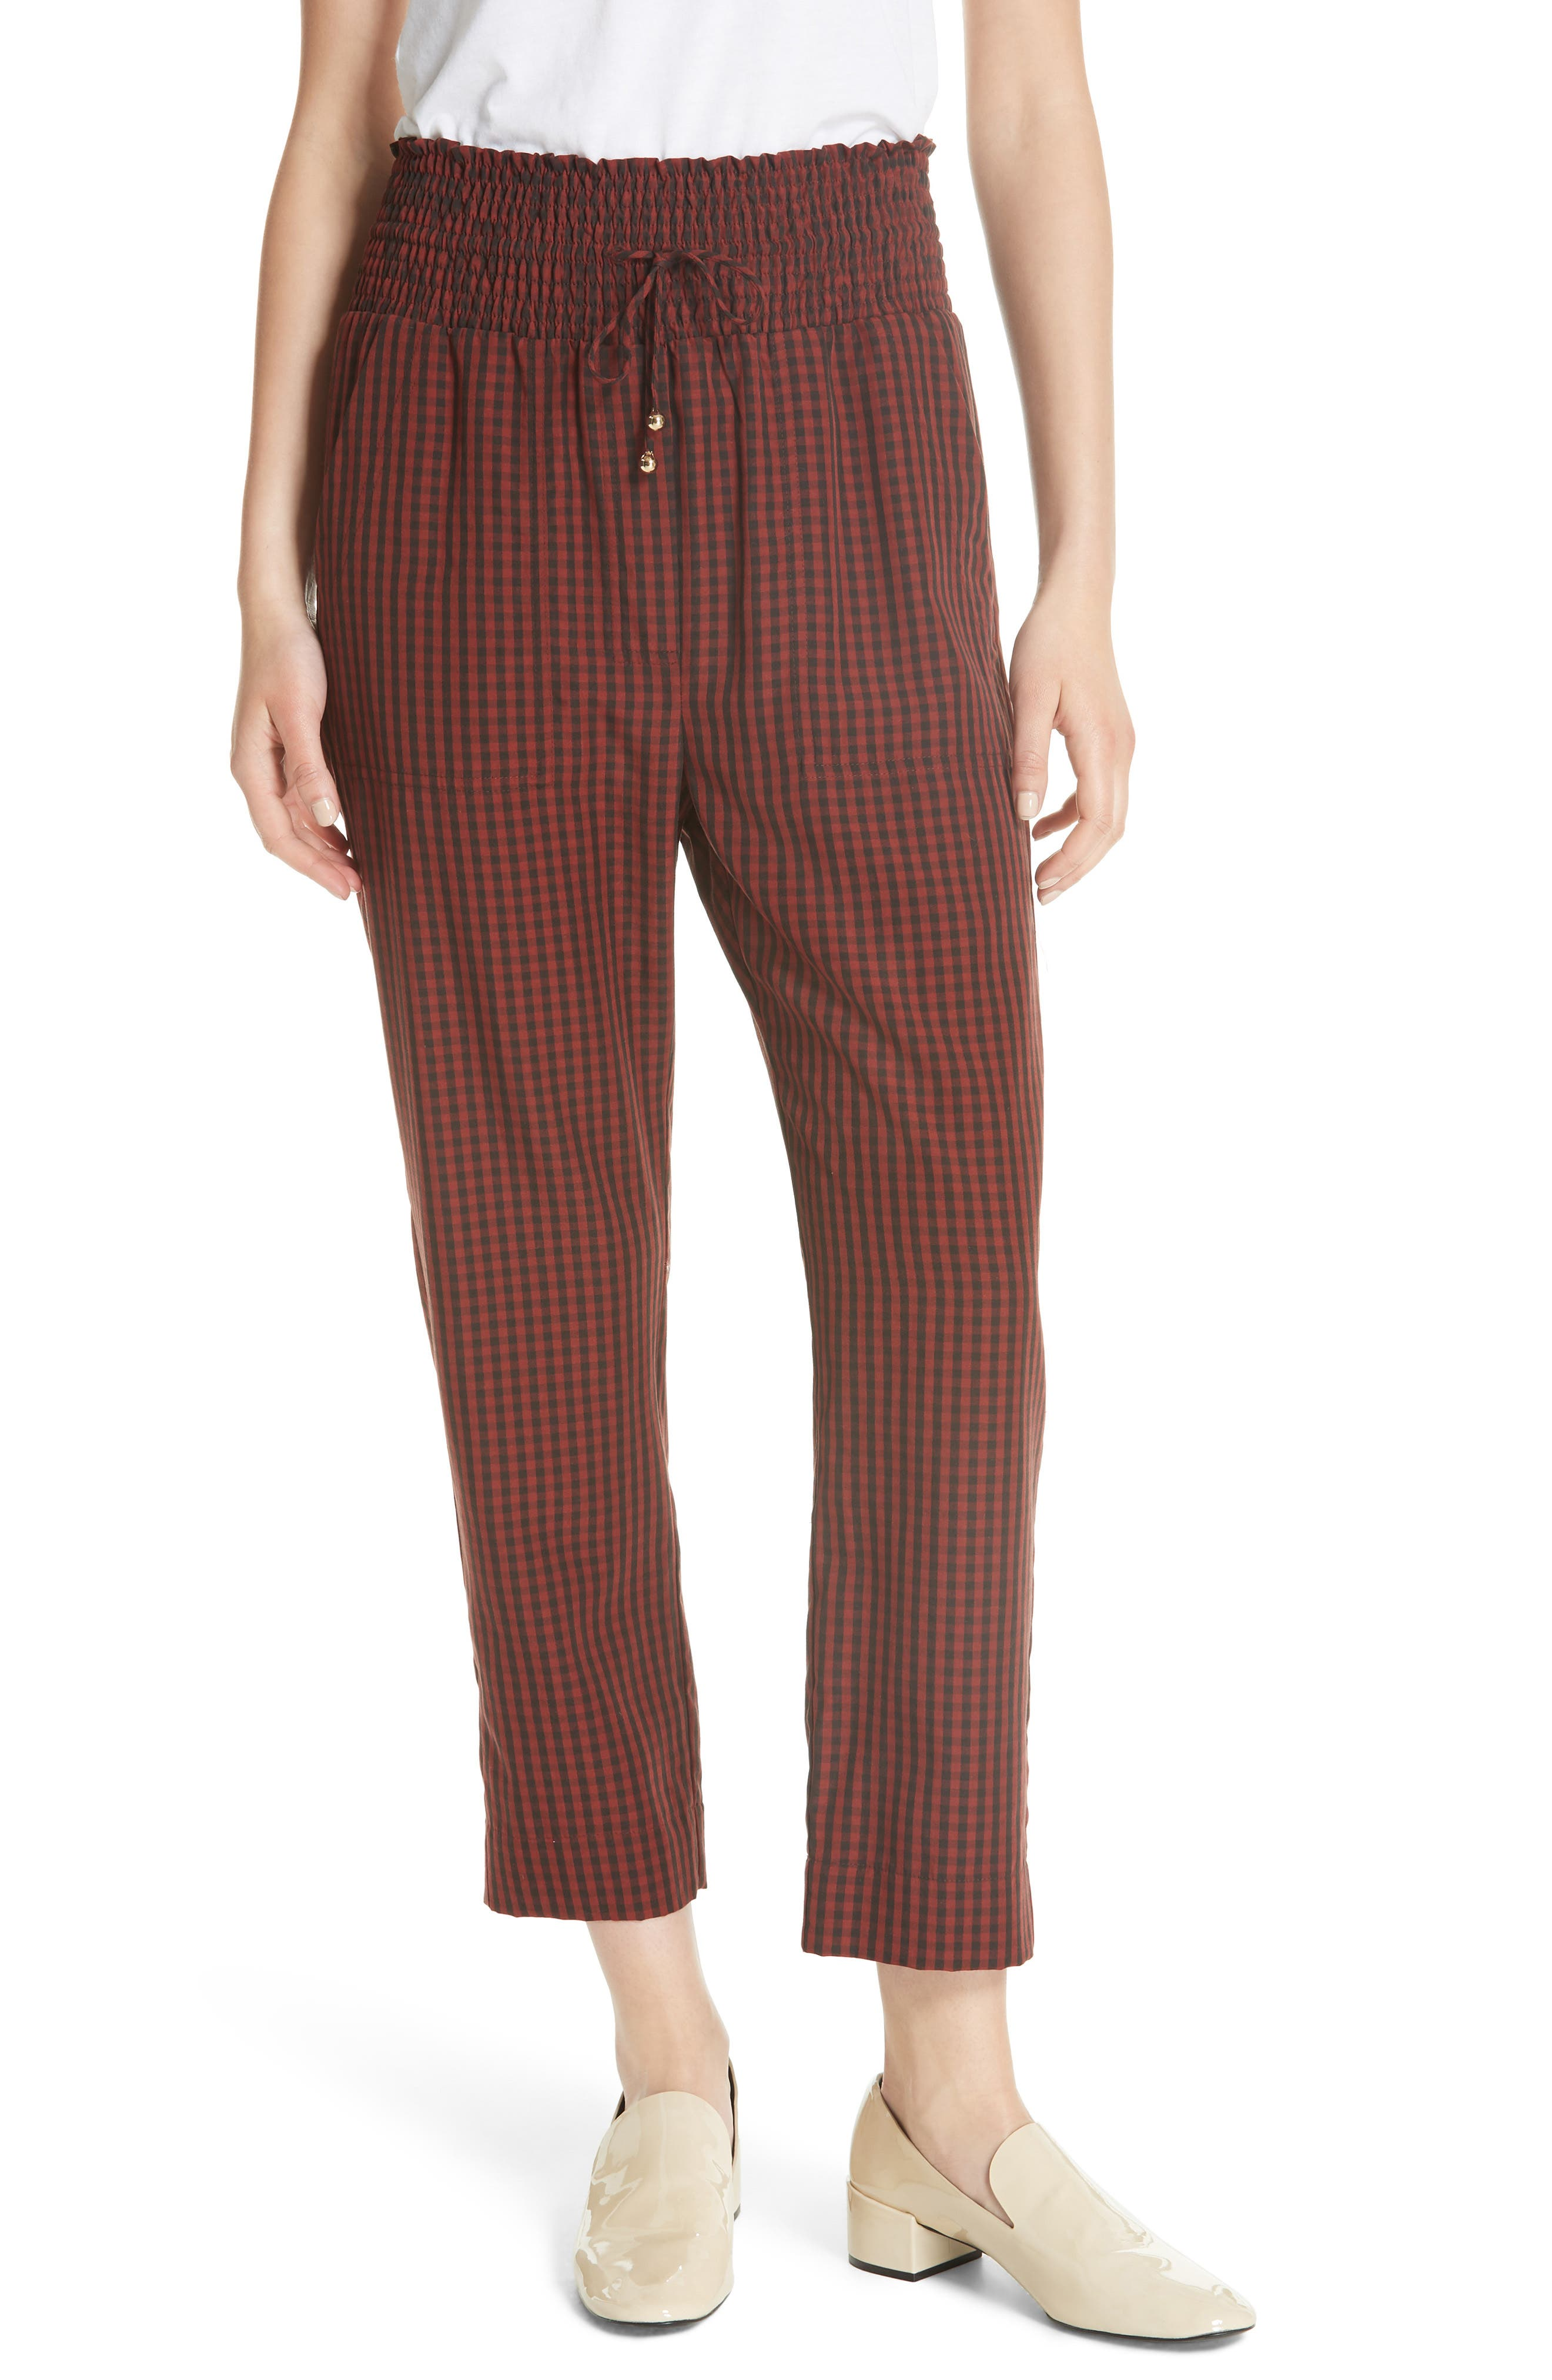 Harlem Gingham Crop Pants,                             Main thumbnail 1, color,                             RED CHECK